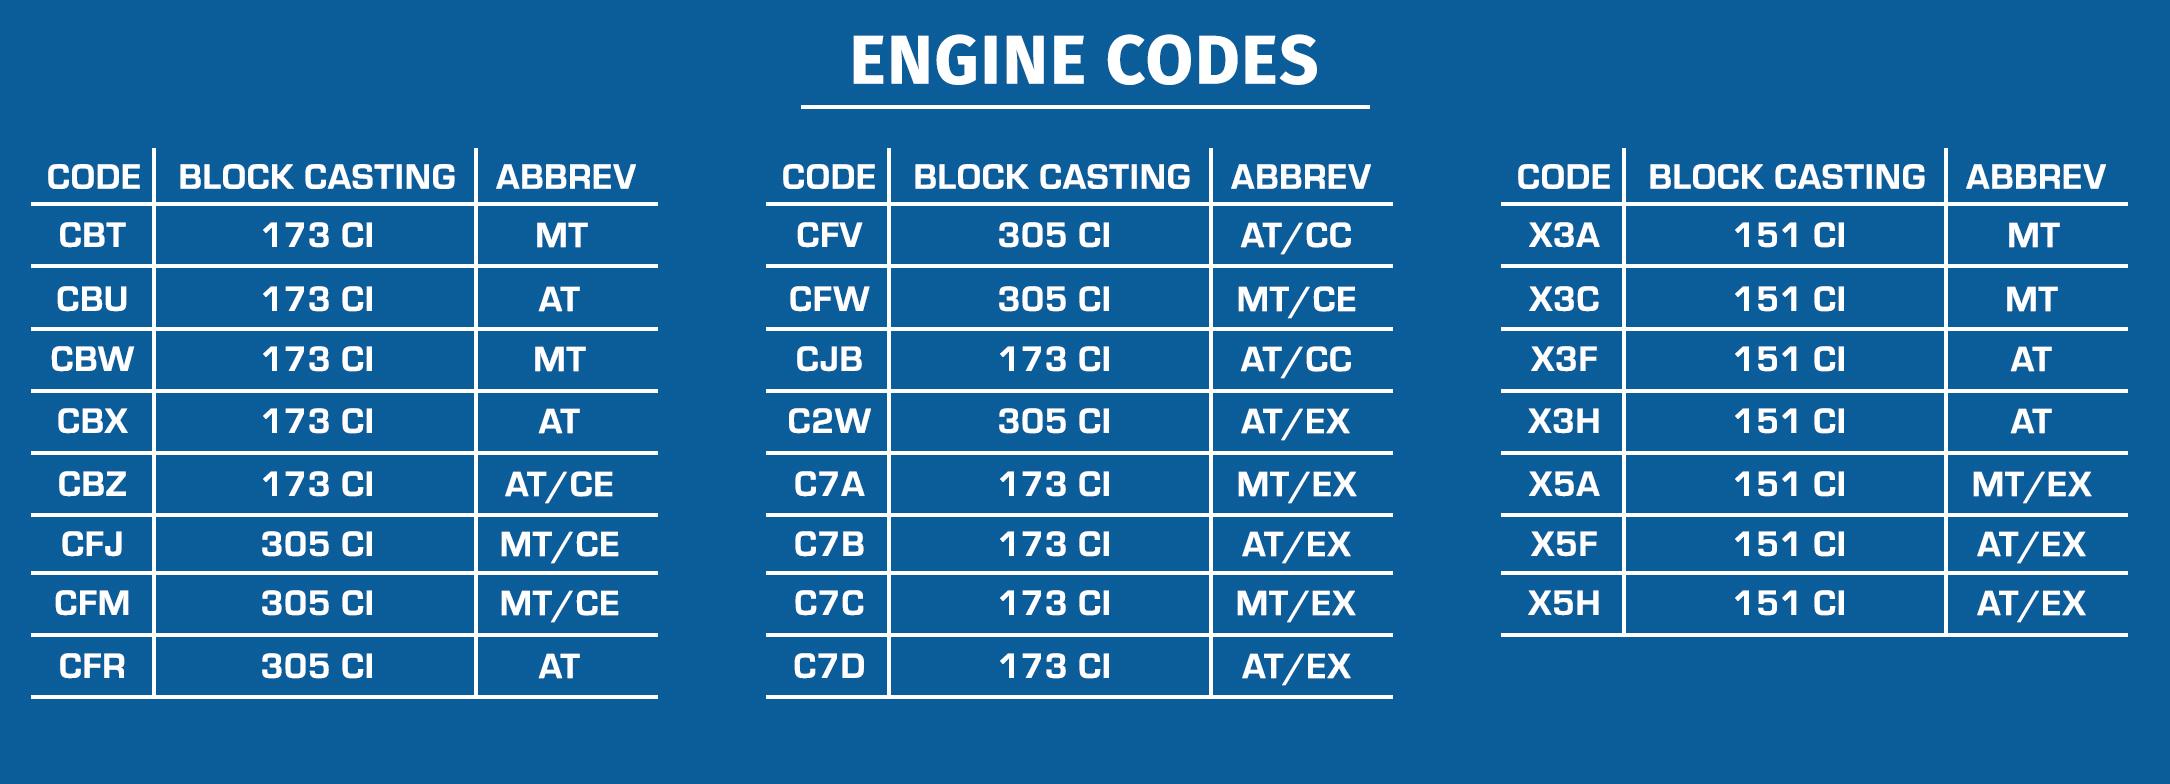 1982 Camaro Parts And Restoration Information Engine Wiring Diagram 1968 El Camino Suffix Codes